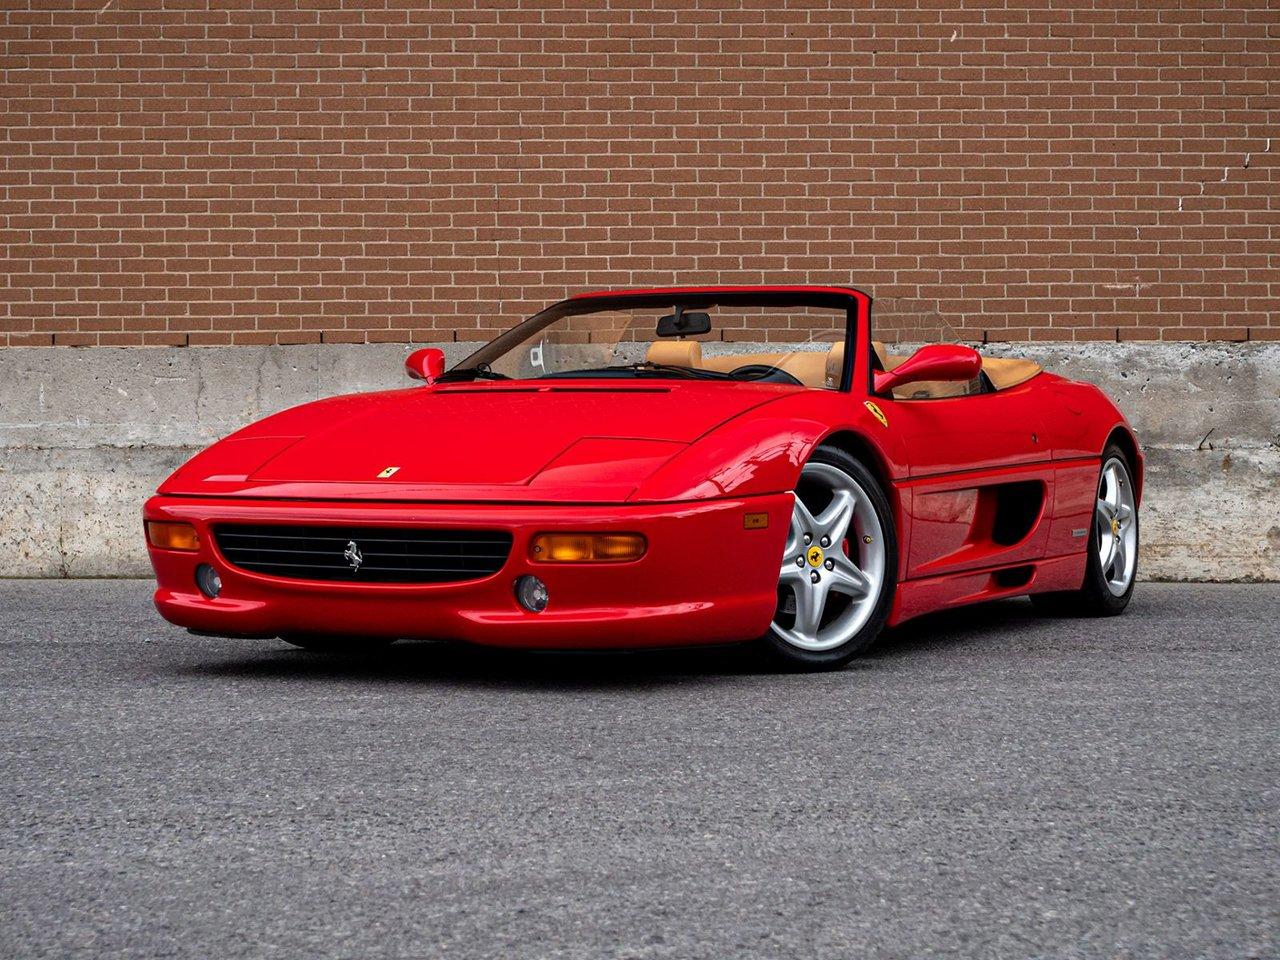 Ferrari 355 1999 F1 spider